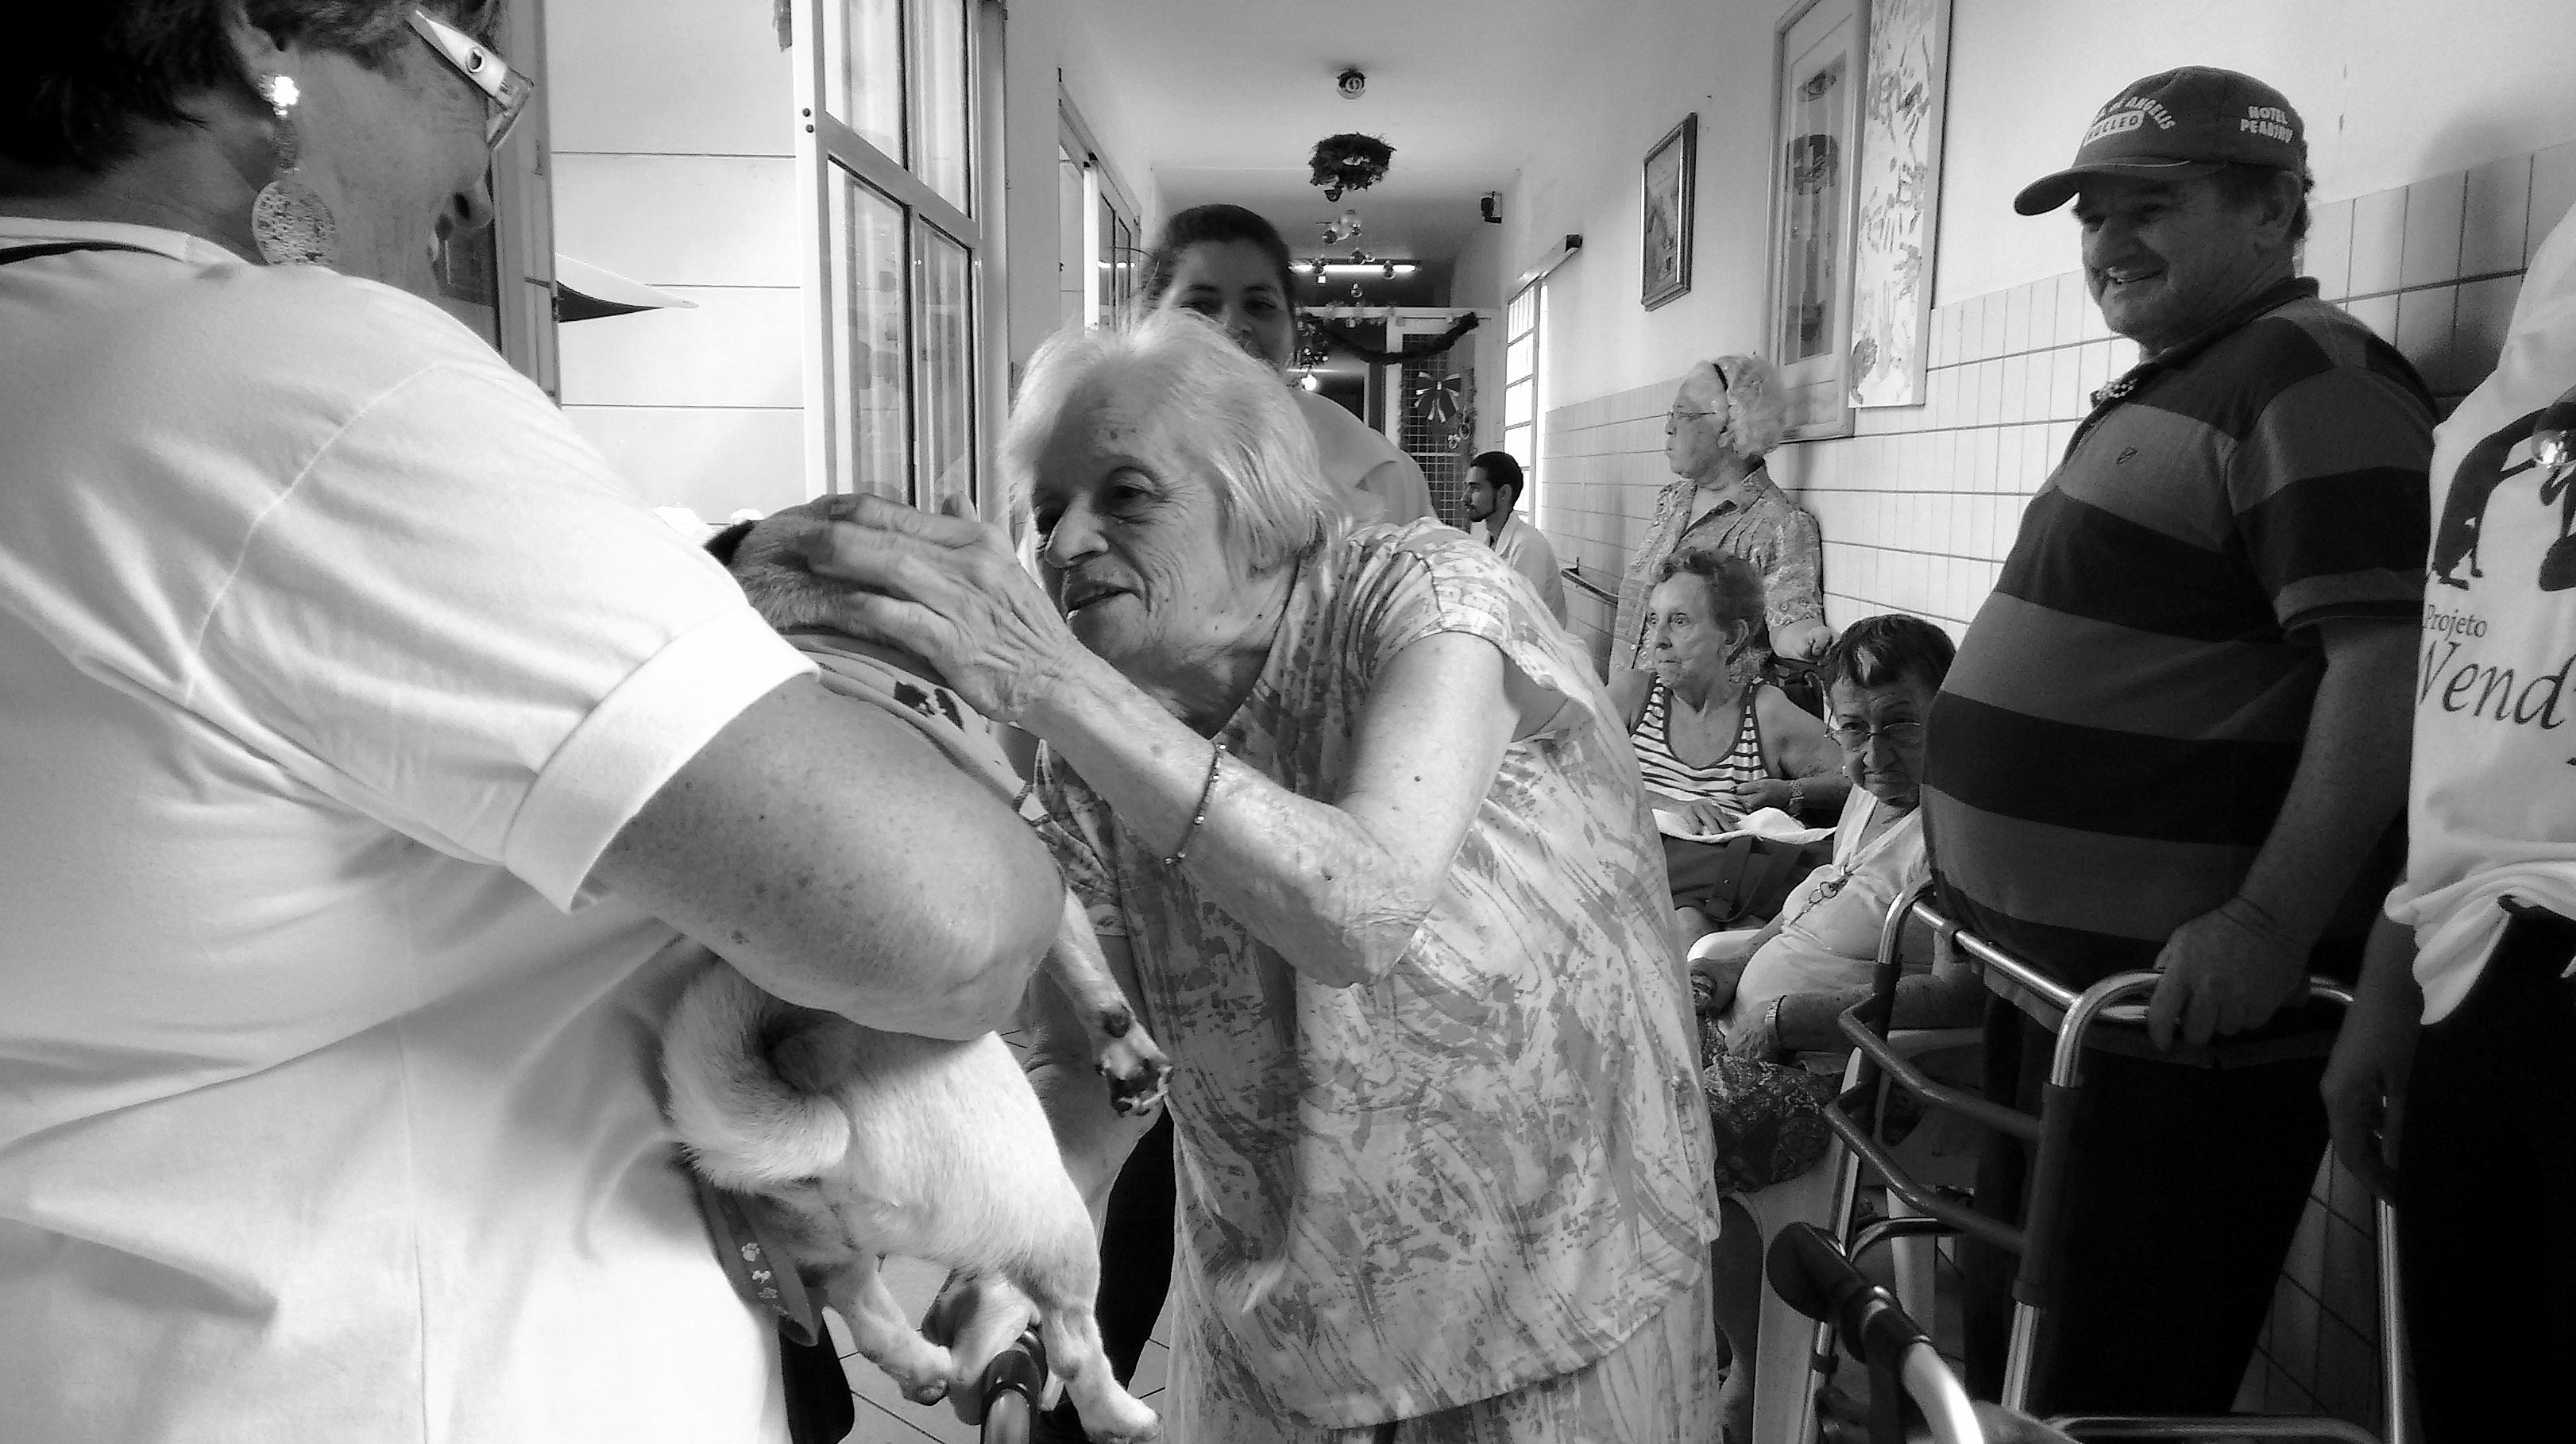 Voluntários levam animais ao Lar São Francisco de Assis